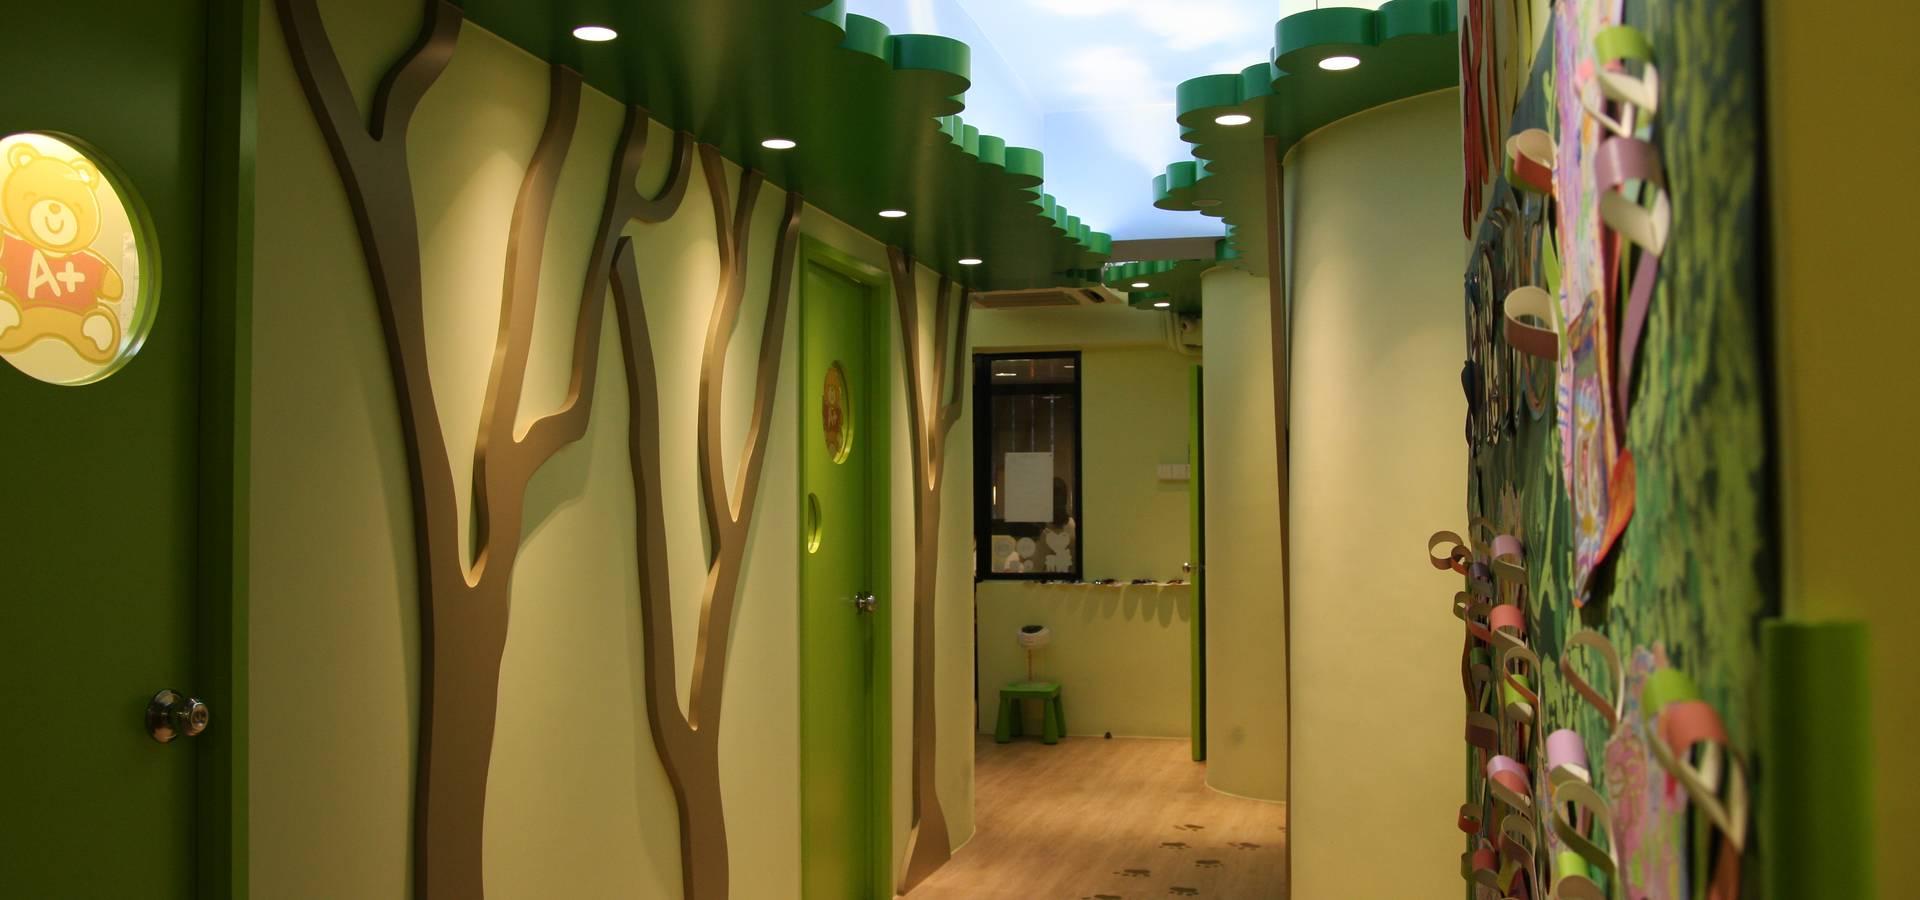 Liger Design Studio